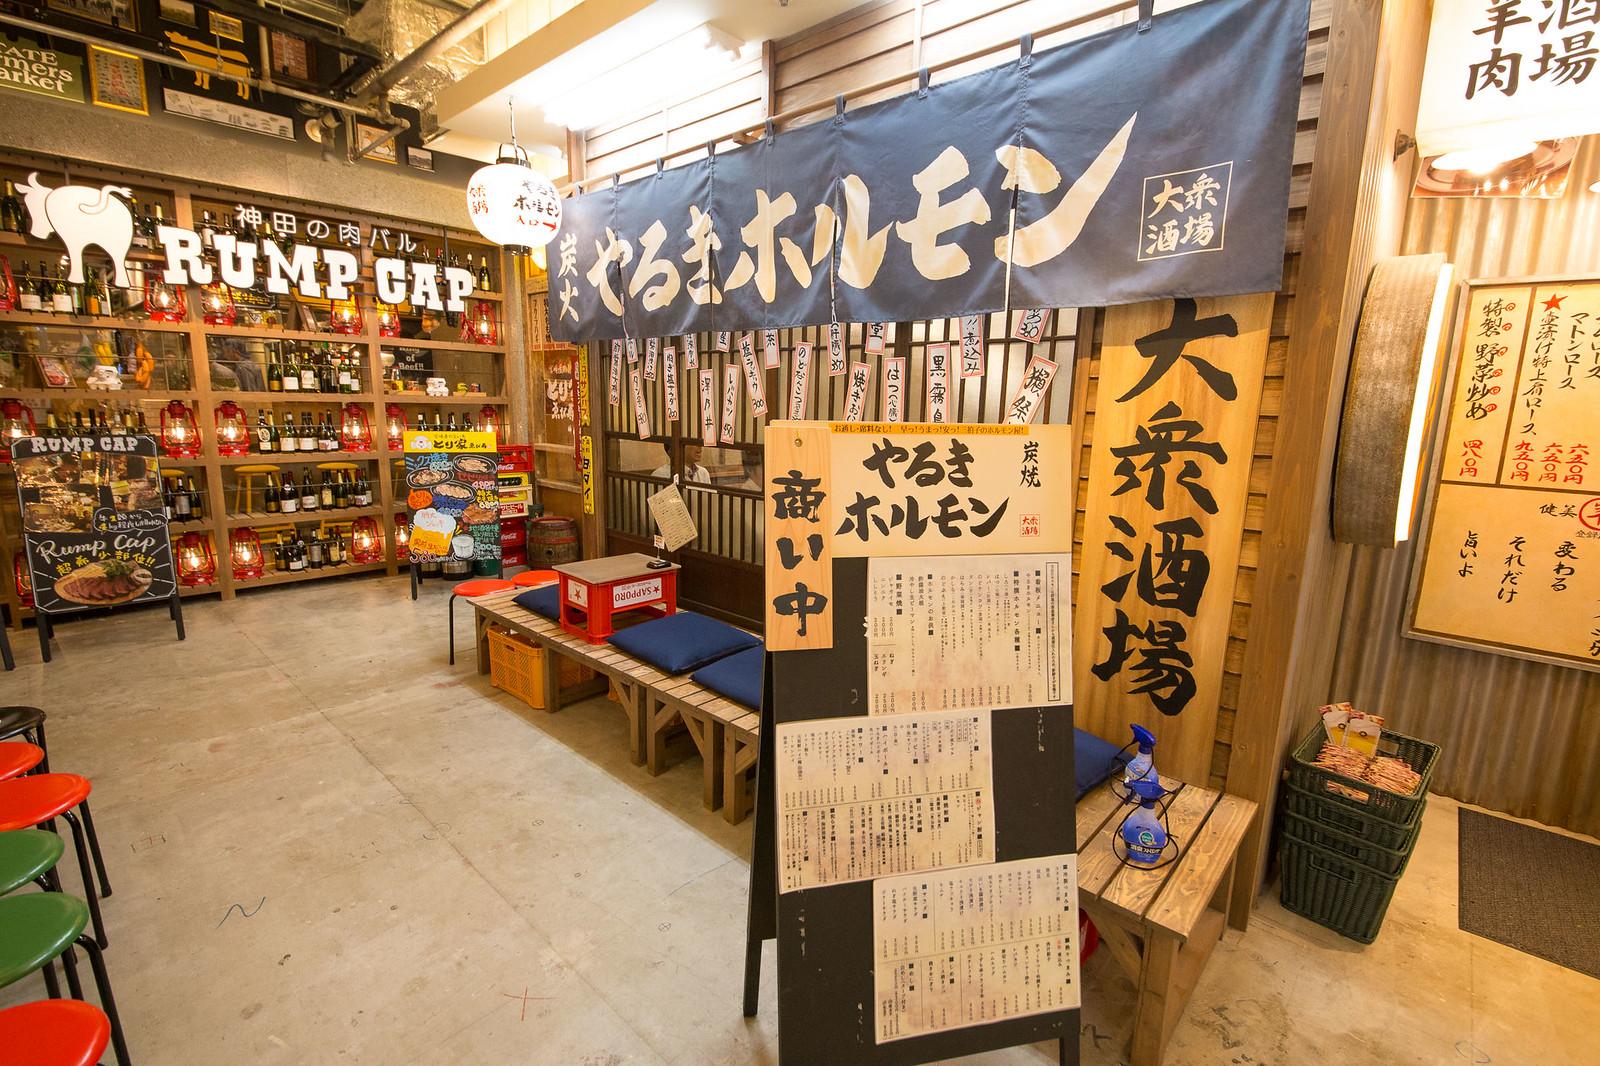 Shinjuku_meiten_yokocho-10